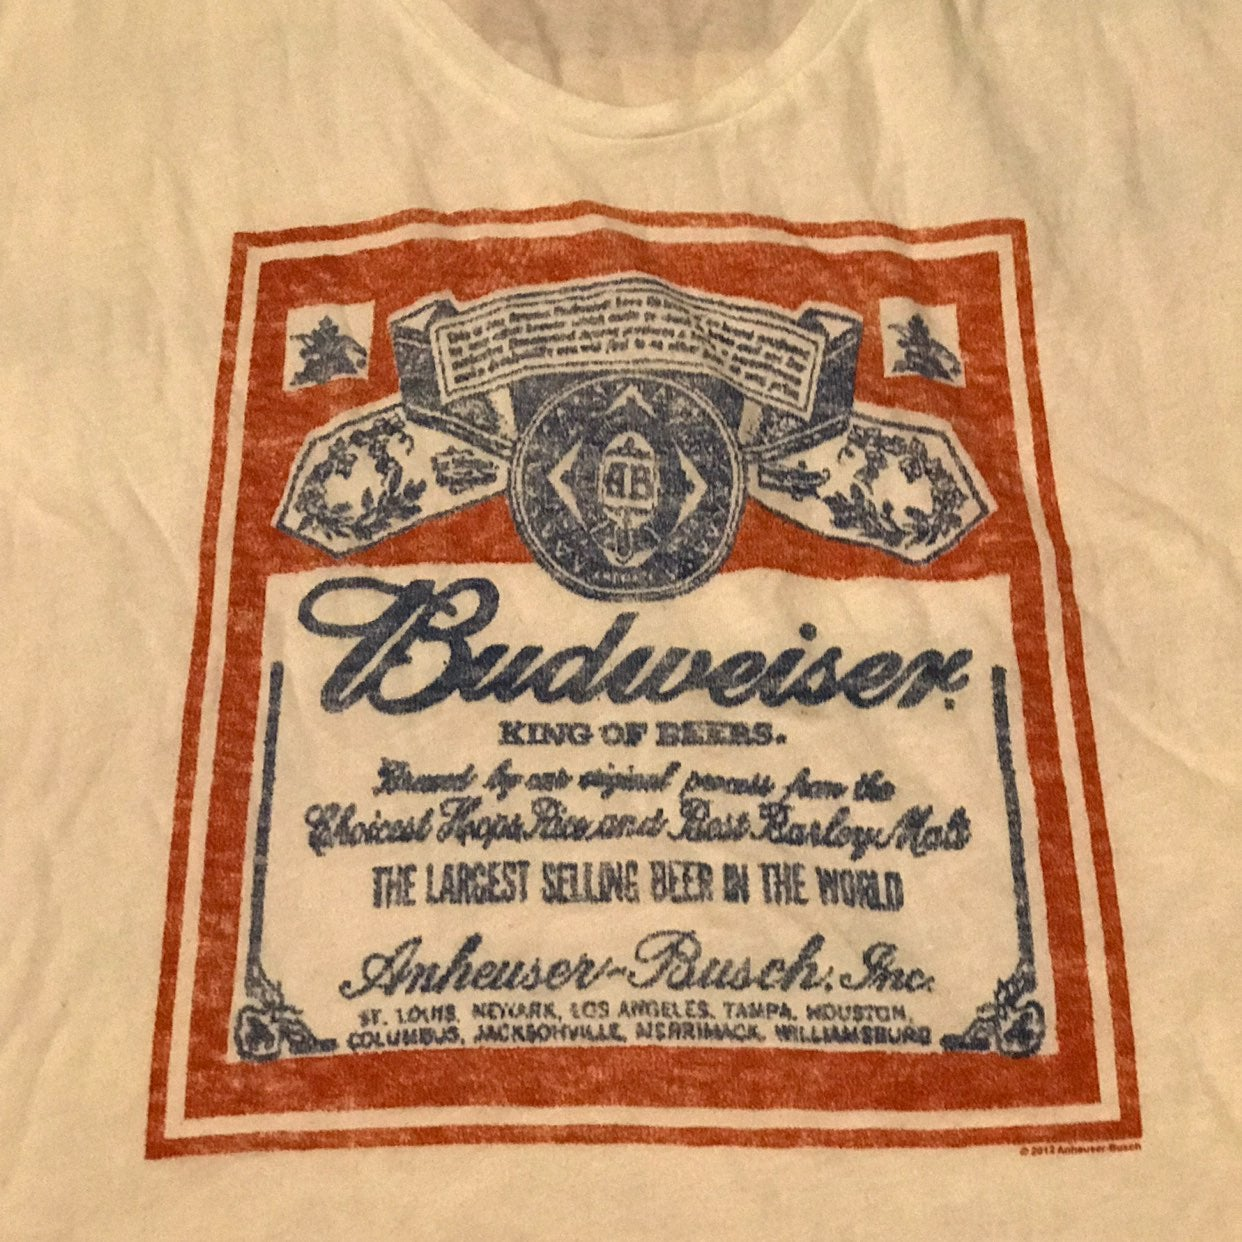 Budweiser Woman's Shirt